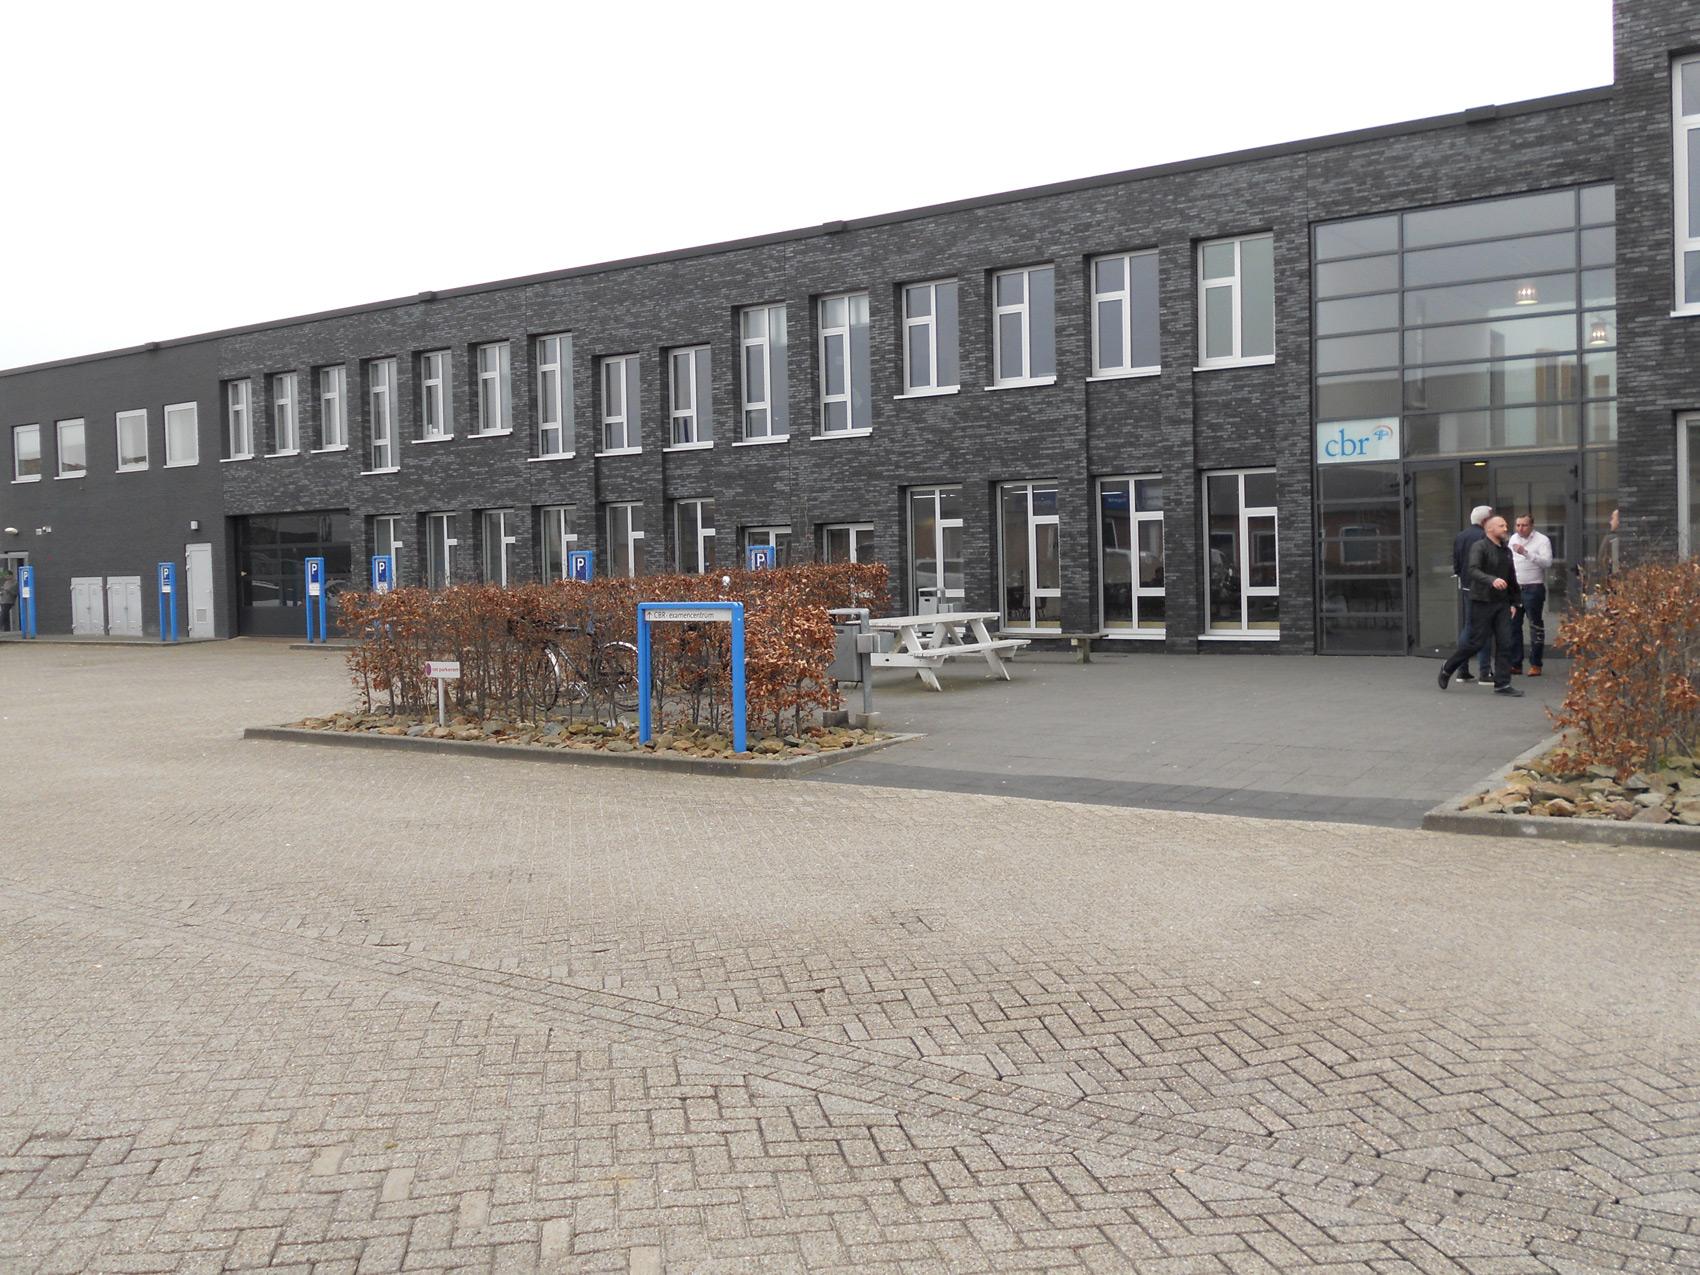 CBR Branderweg Zwolle